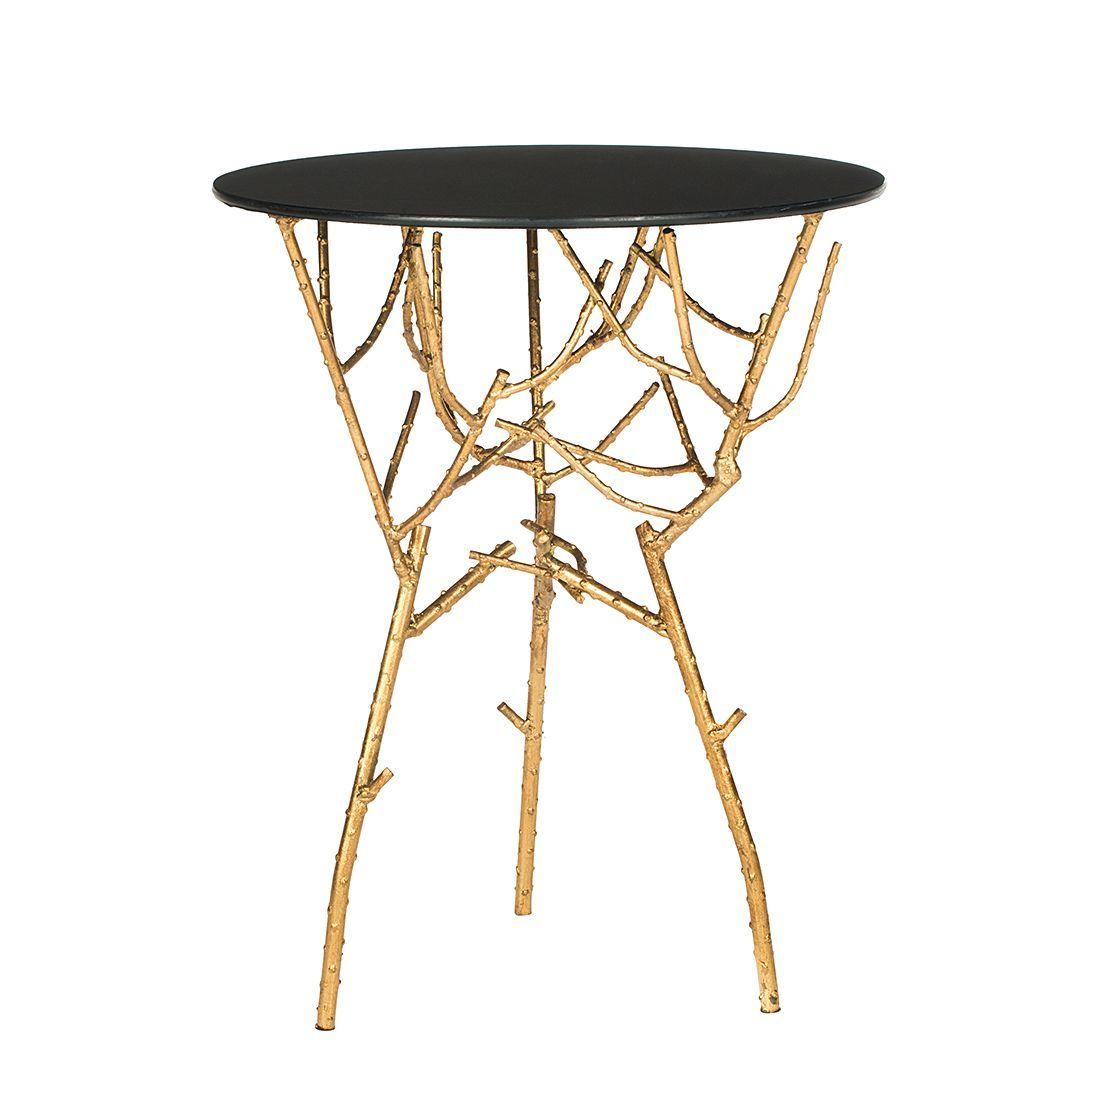 Beistelltisch Tara Gold Schwarz Safavieh Jetzt Bestellen Unter Https Moebel Ladendirekt De Wohnzimmer Tische Bei Beistelltisch Beistelltisch Metall Tisch